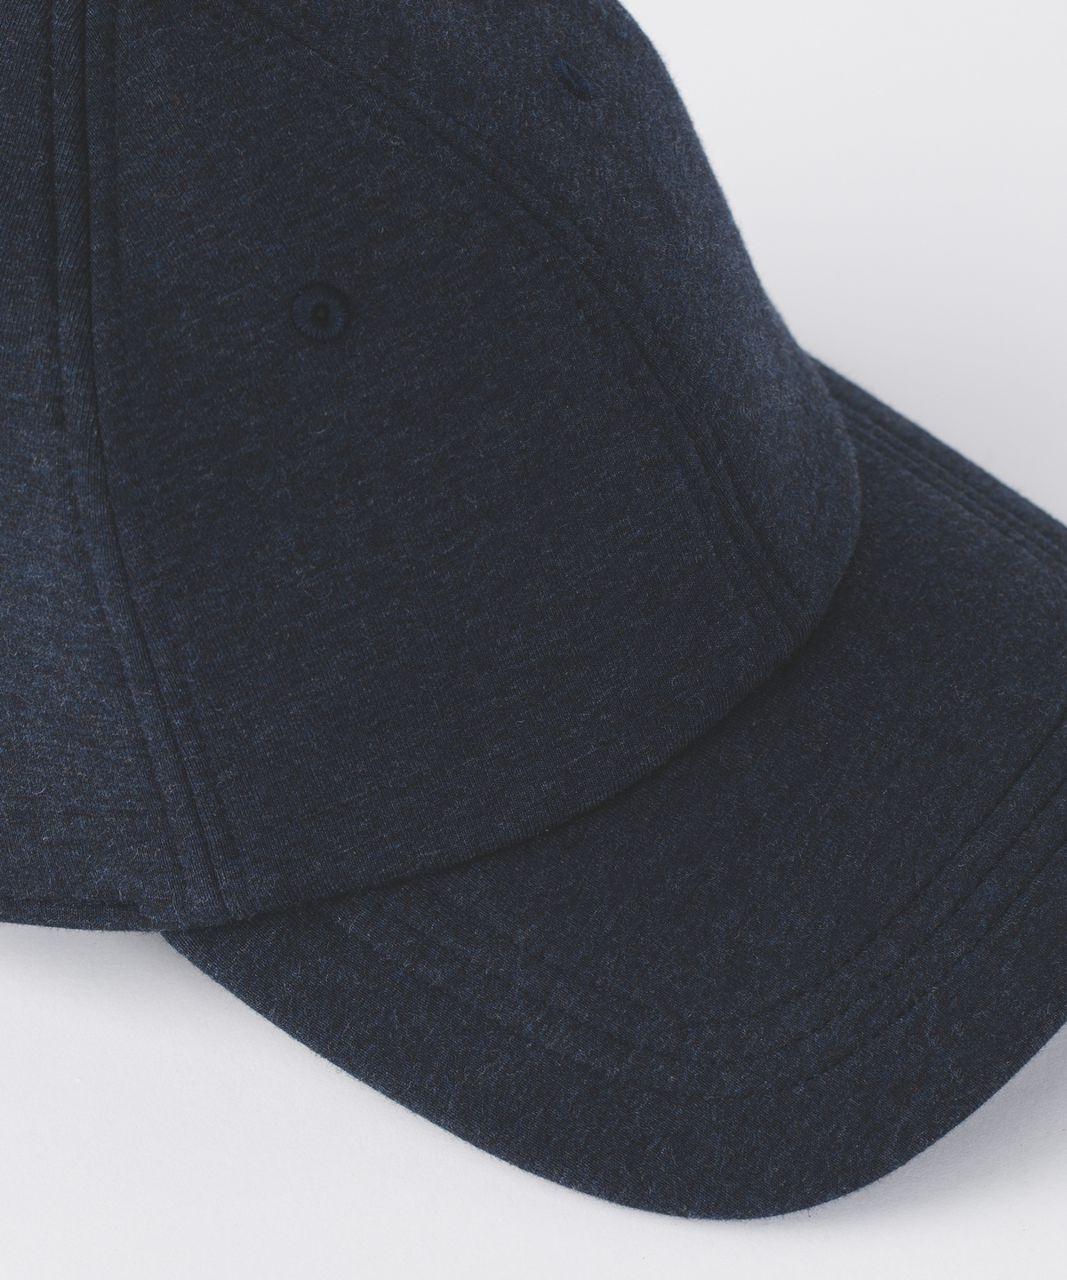 Lululemon Baller Hat - Heathered Inkwell / Inkwell / Inkwell